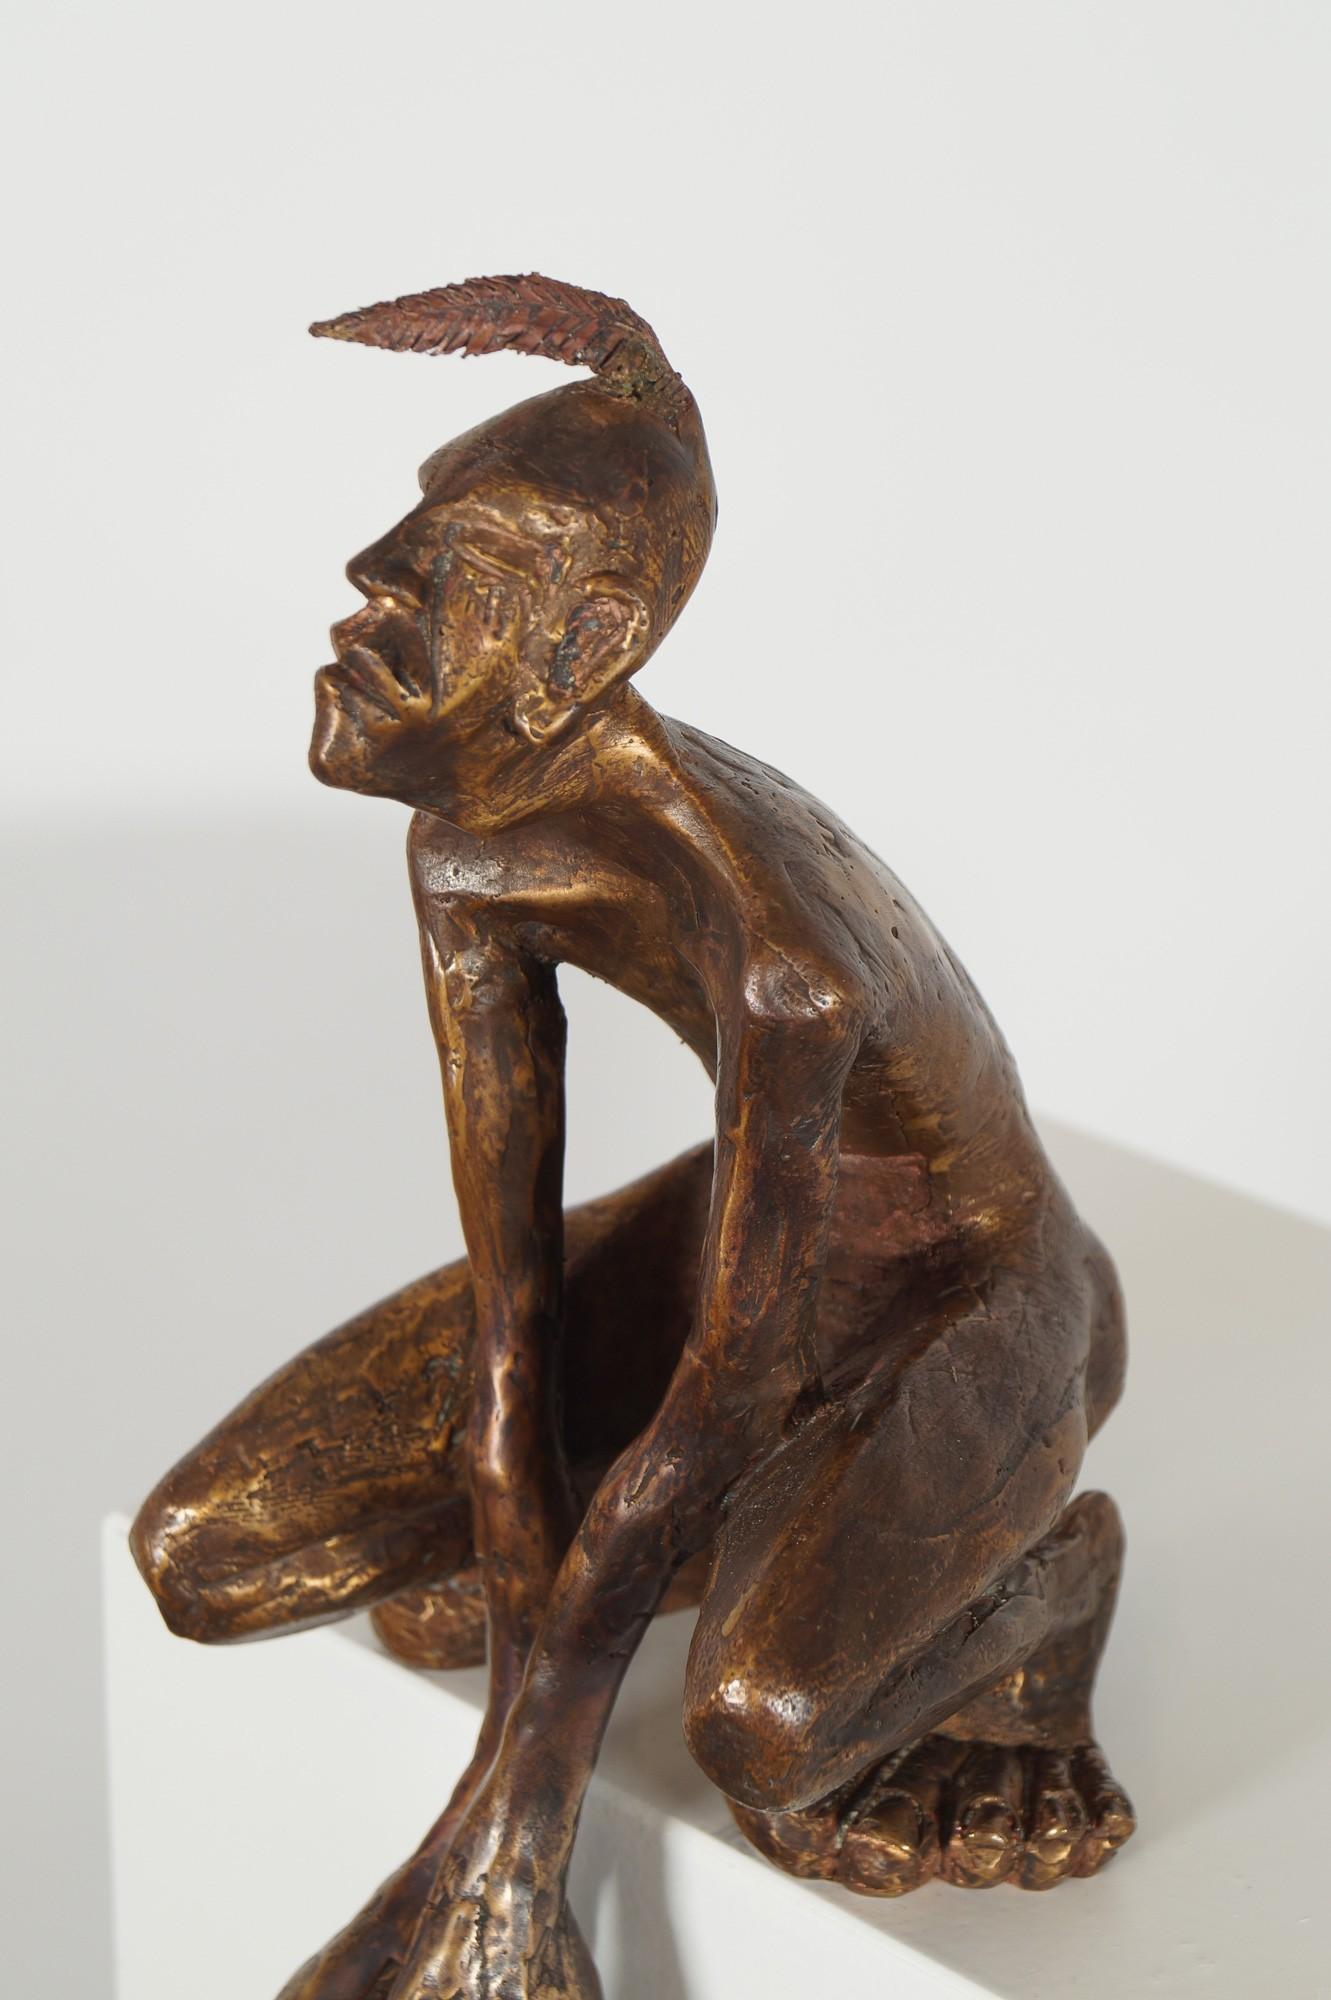 Der Kantenhocker - Detail von links, Bronze Plastik, Skulptur von Tim David Trillsam, Edition